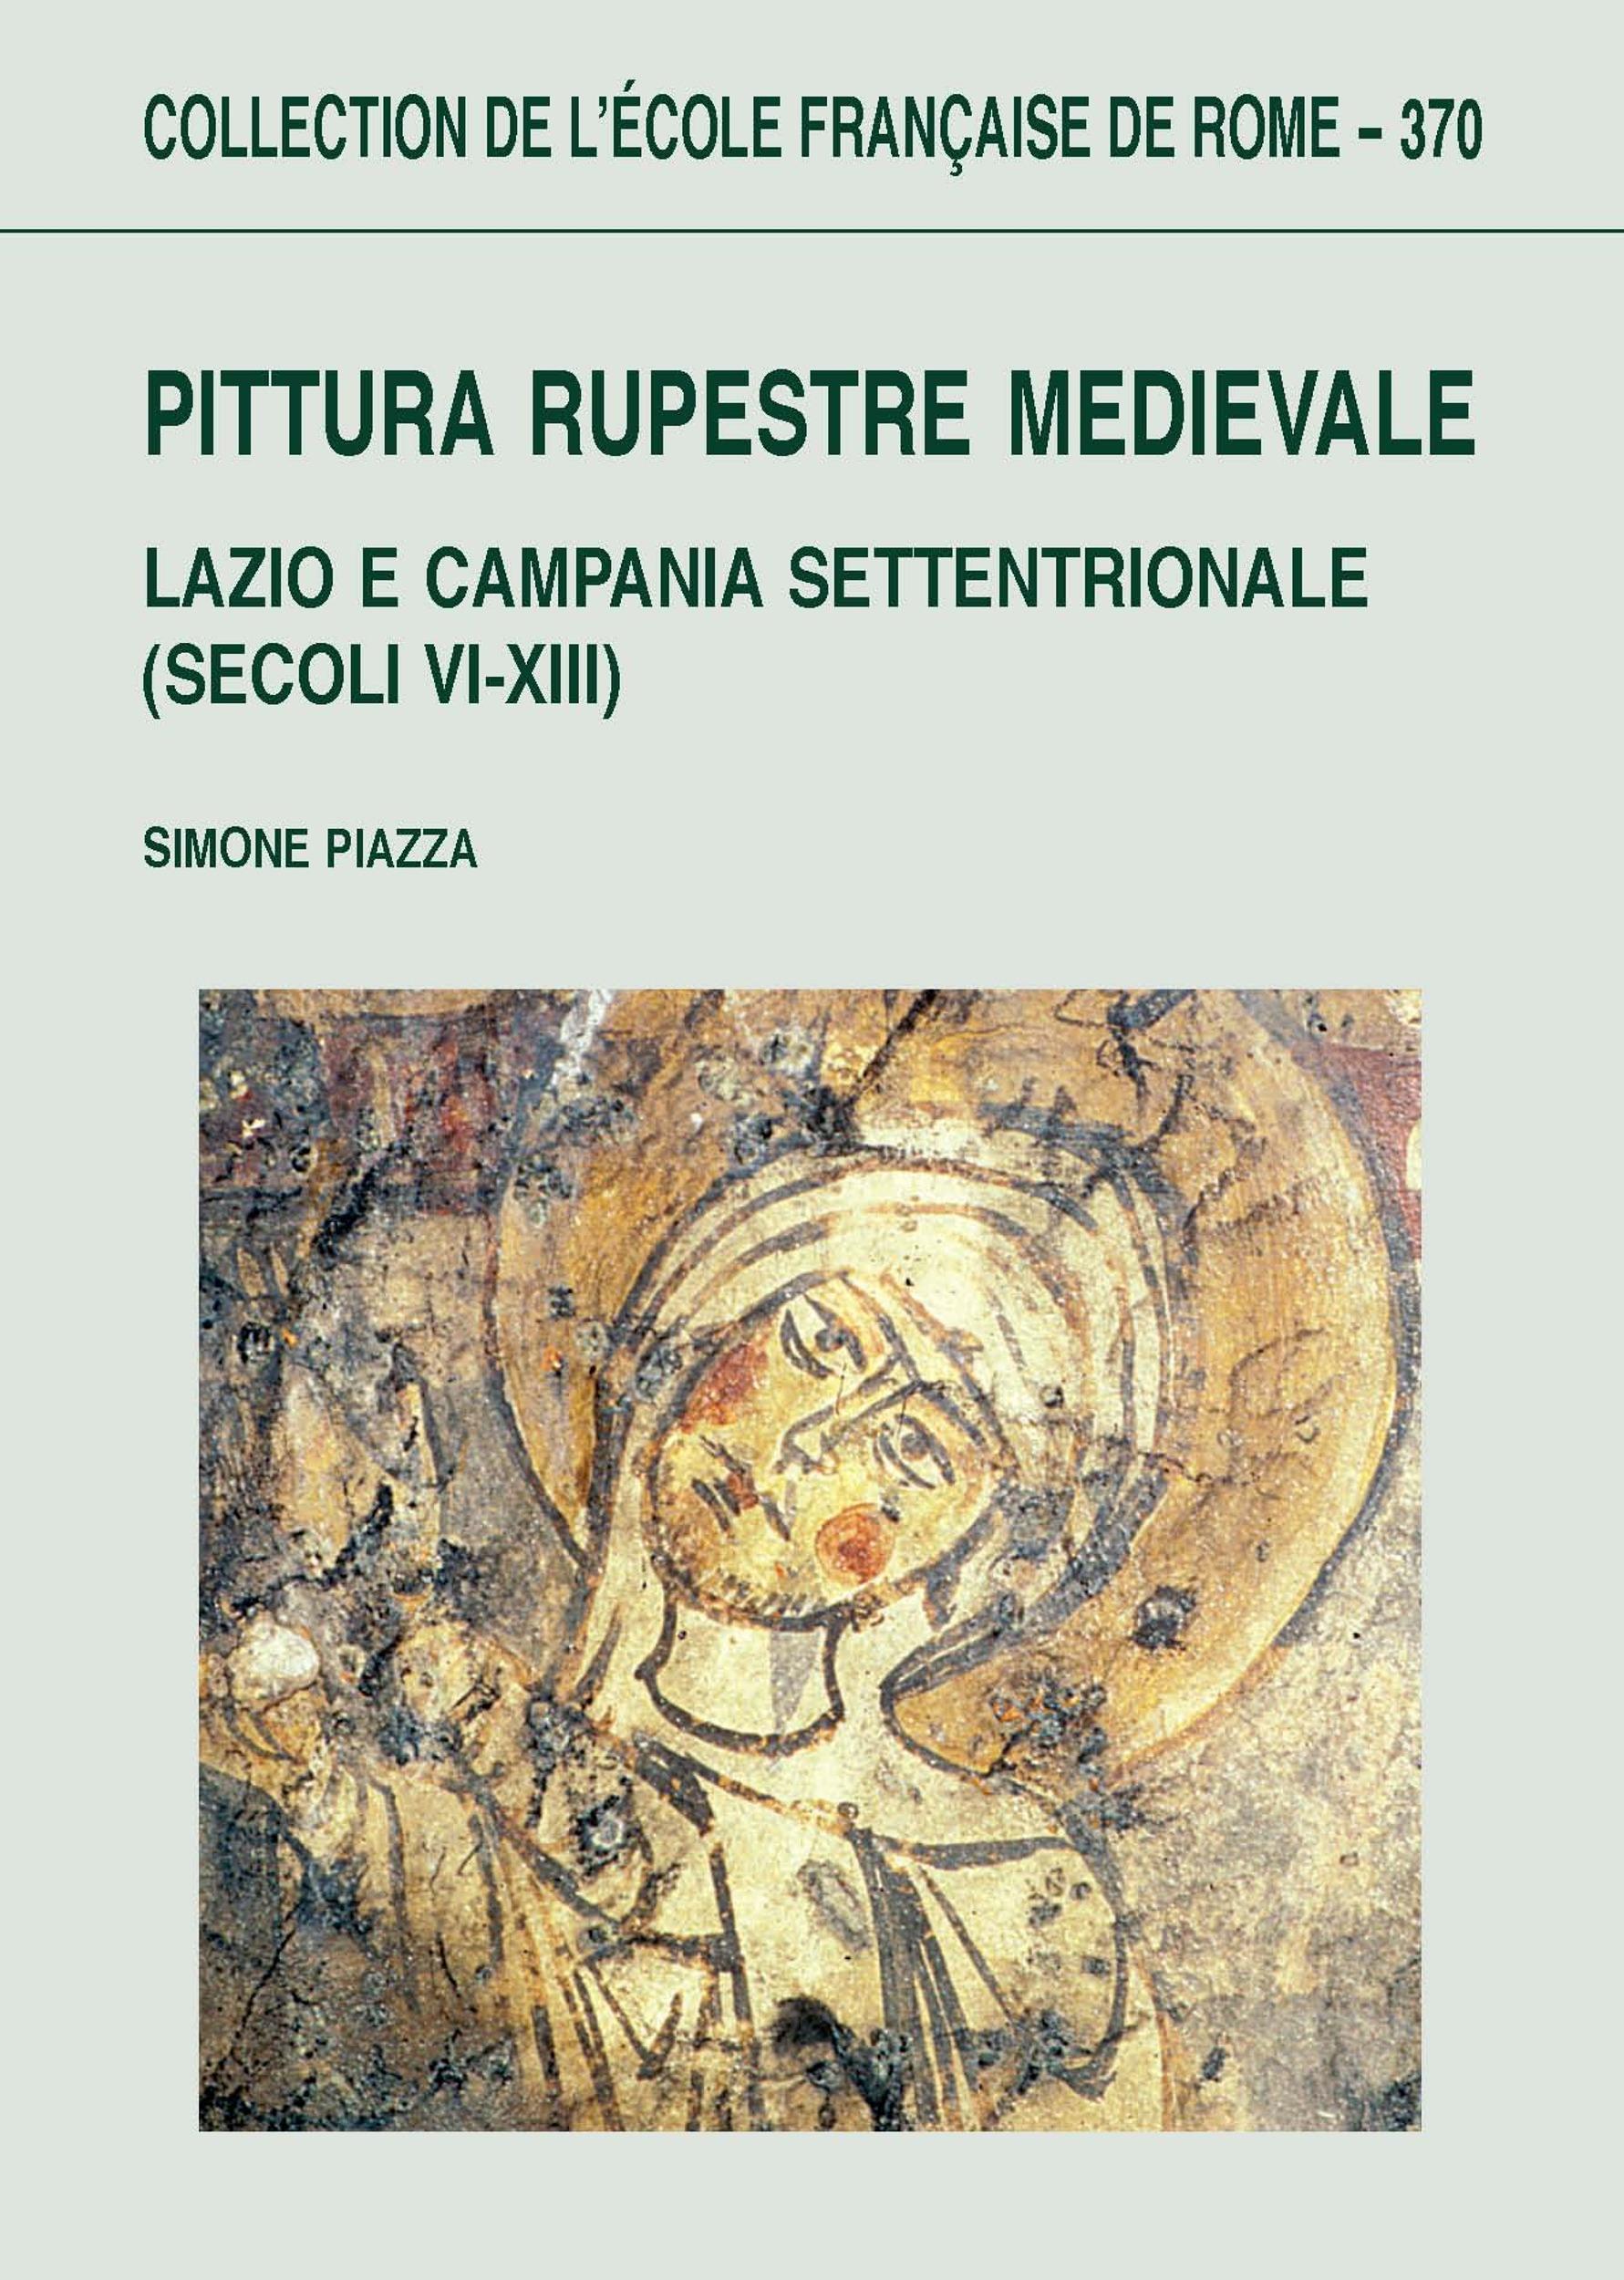 Pittura rupestre medievale. lazio e campania settentrionale (secoli vi-xiii)